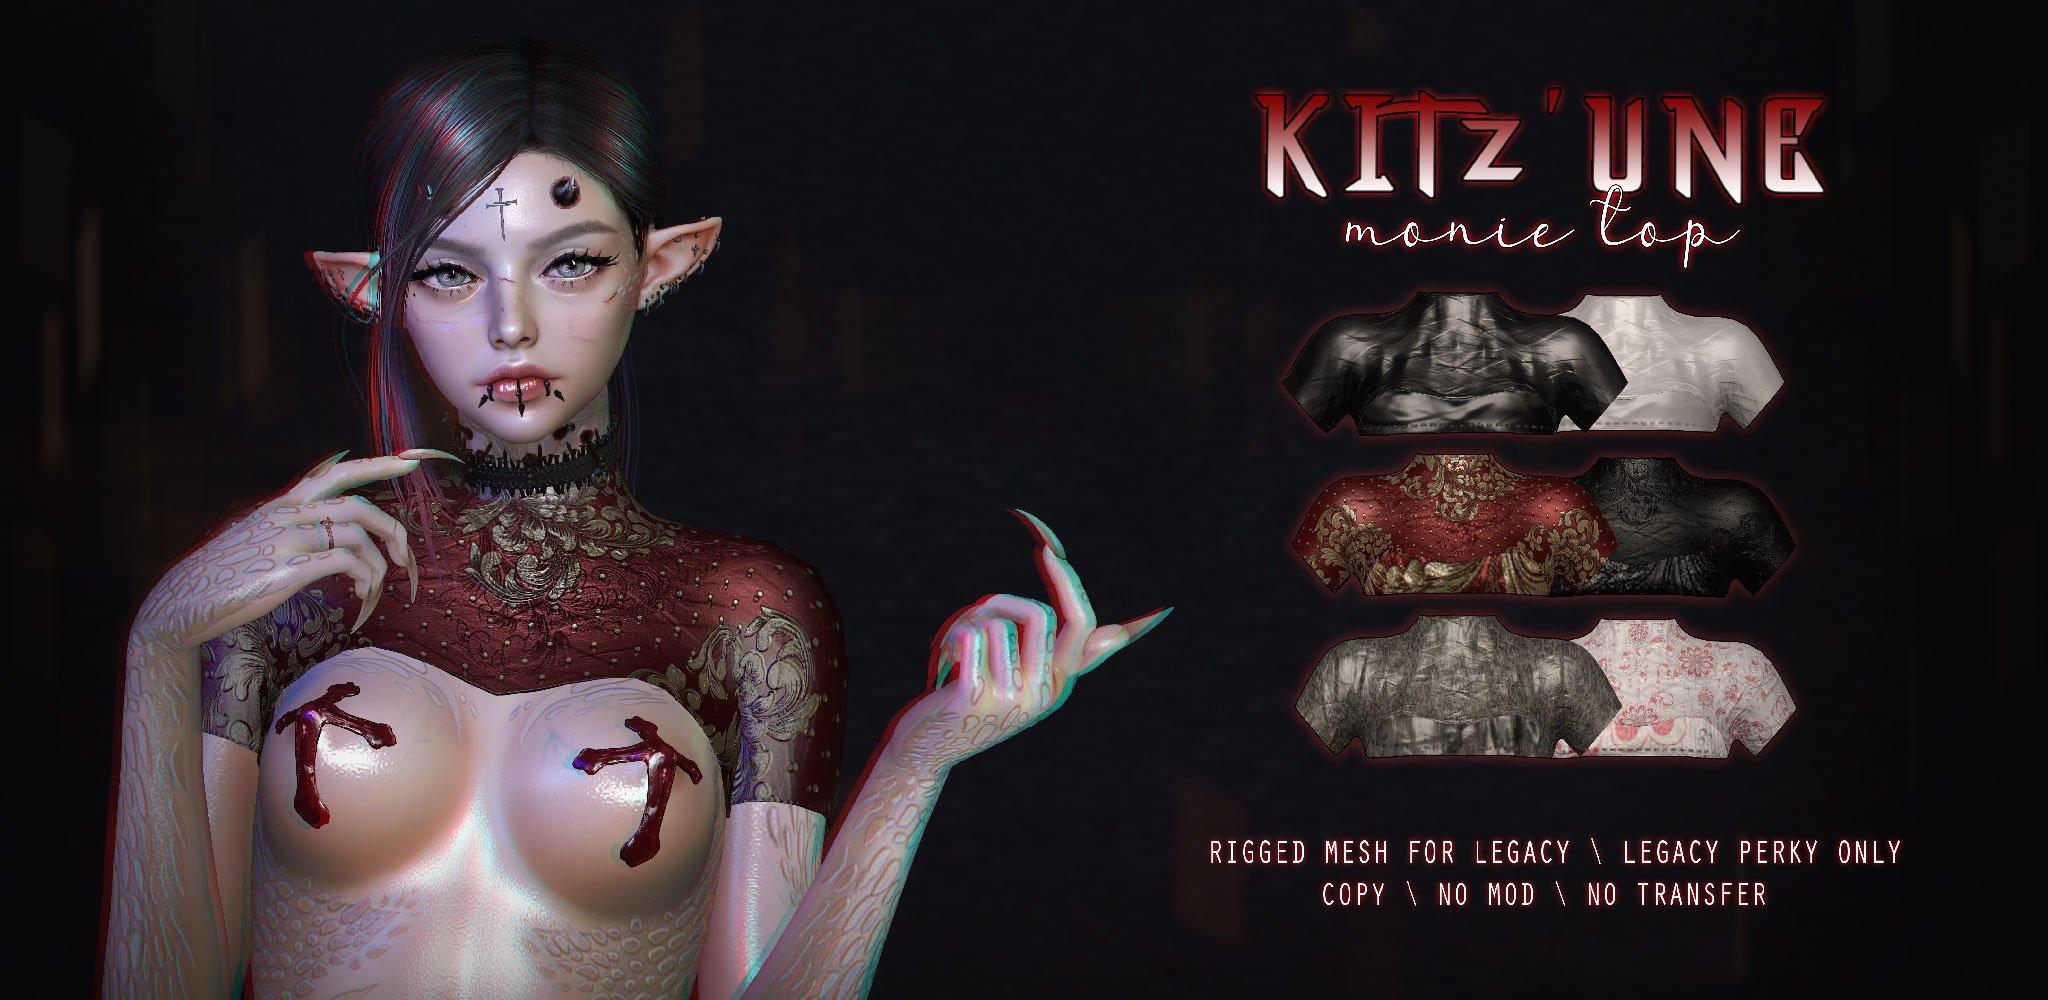 Kitz'une